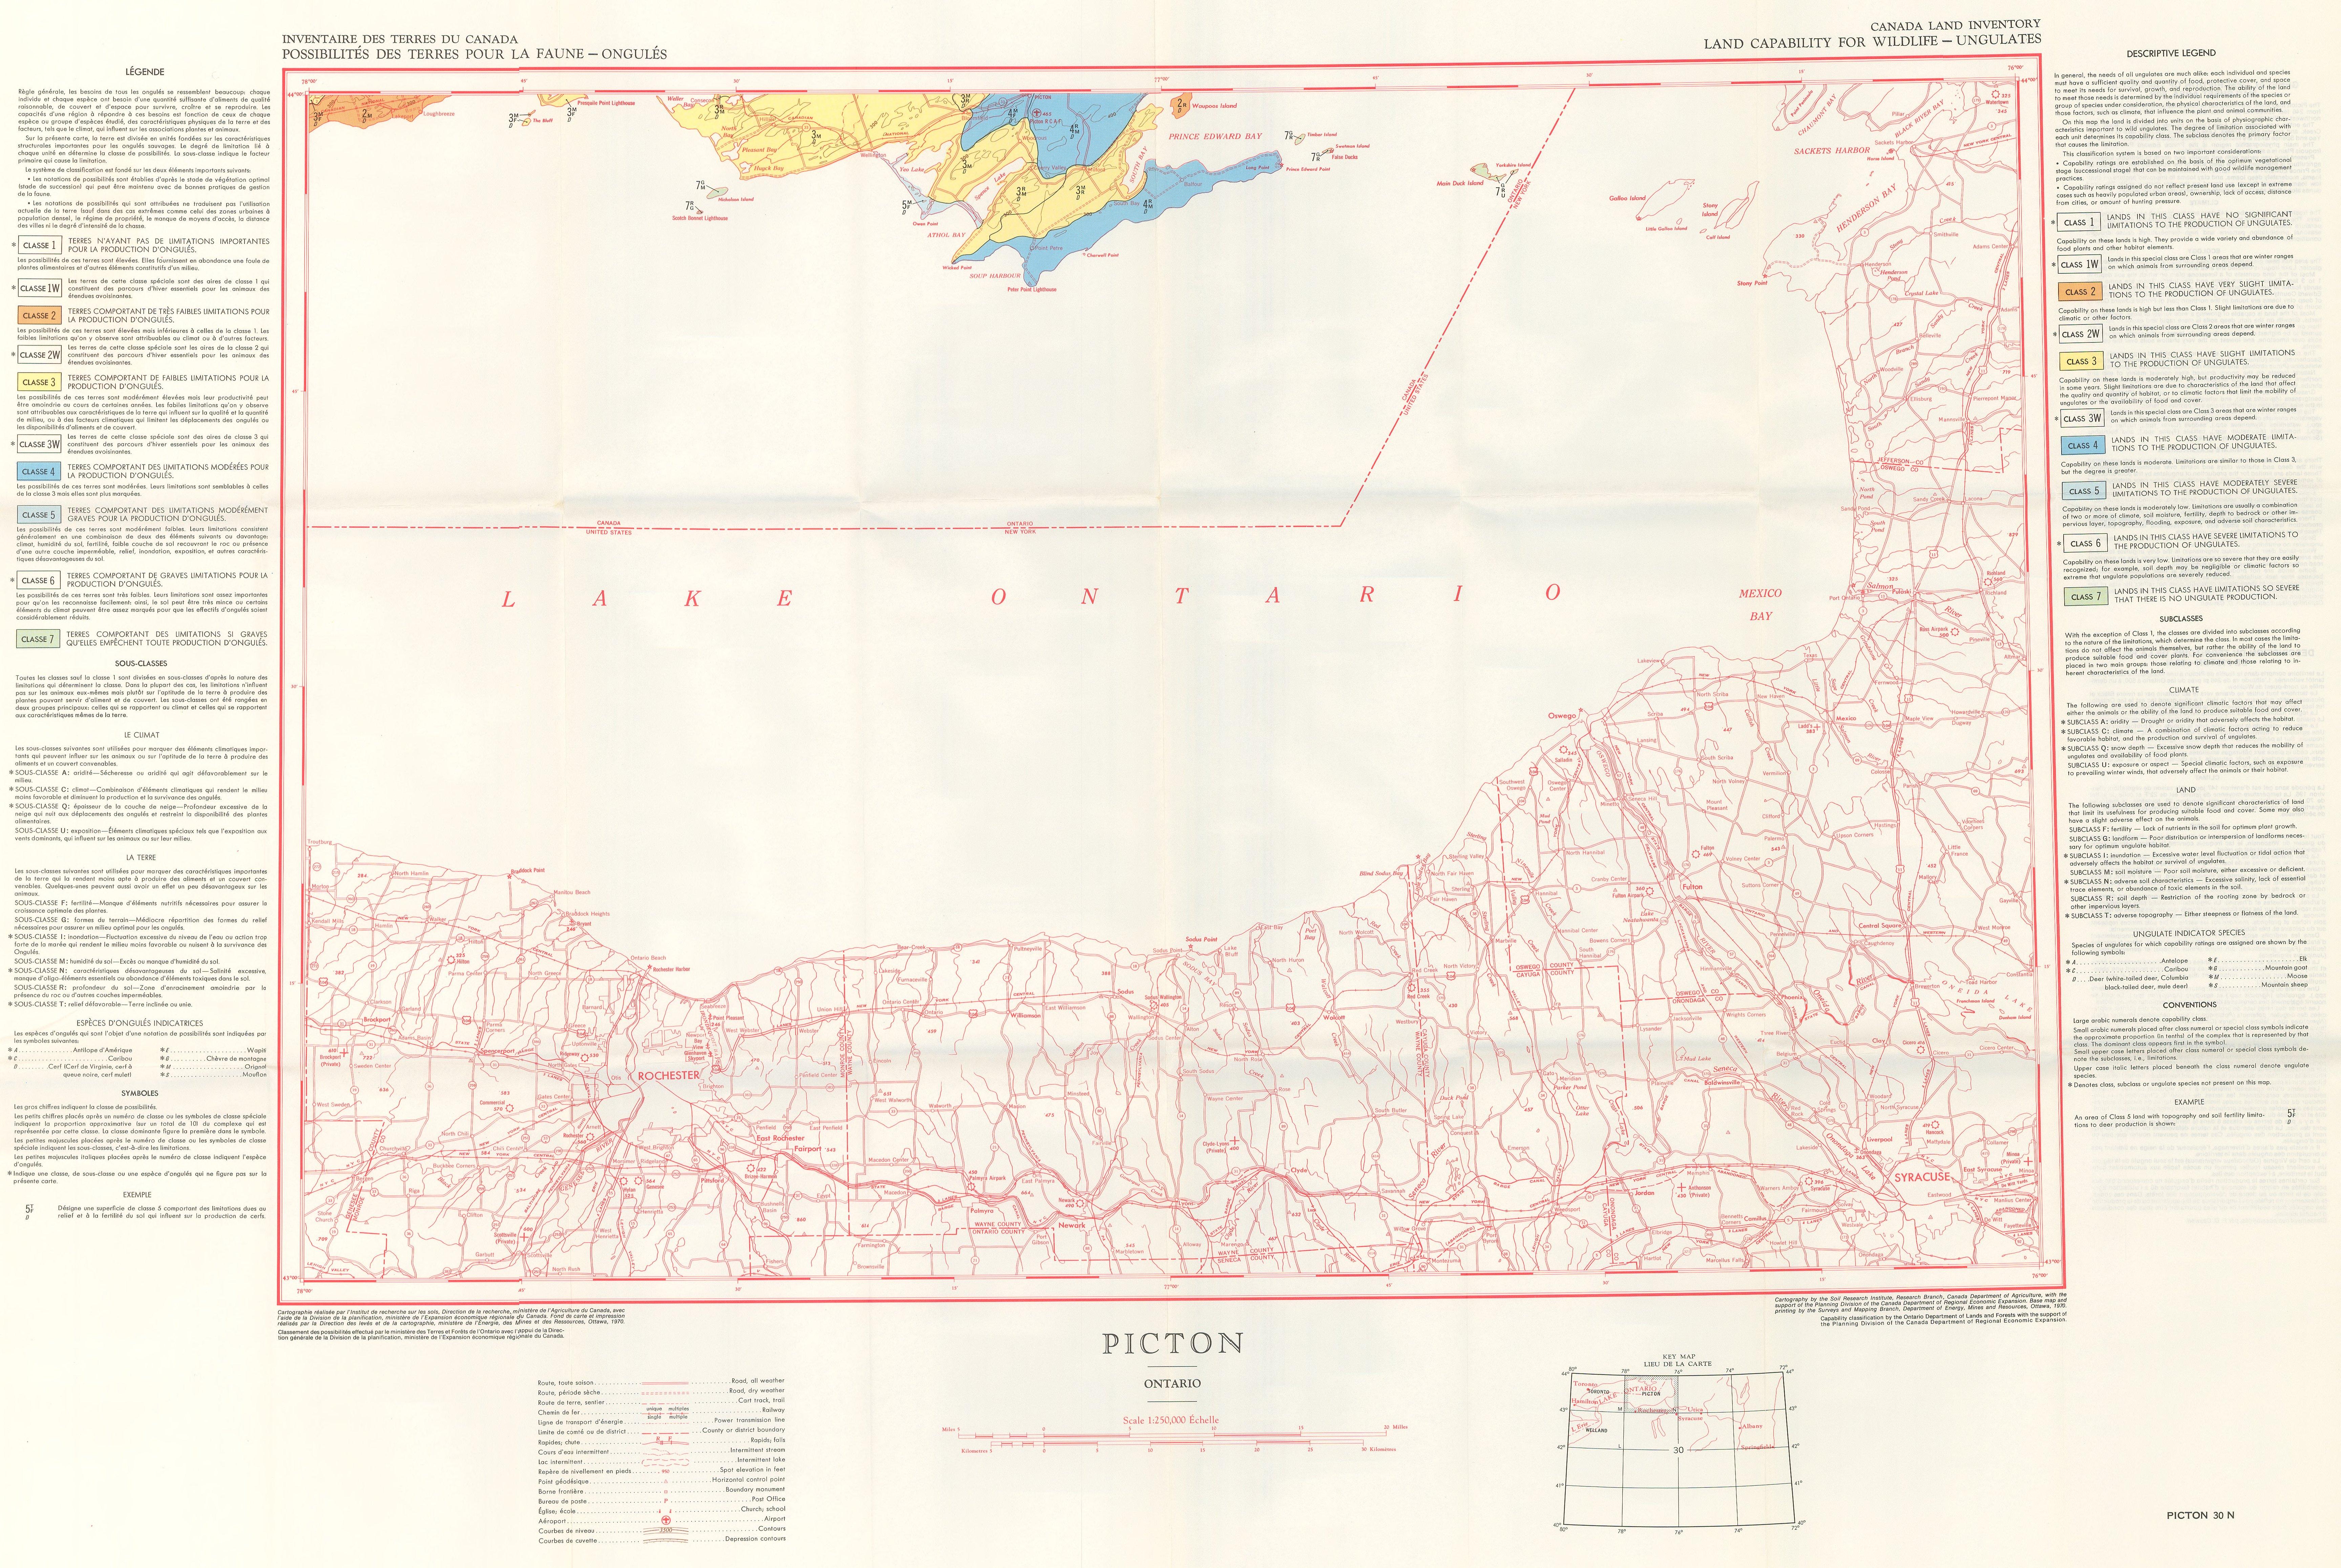 Carte Canada Avec Ville.Possibilitees Des Terres Pour La Faune Ongules